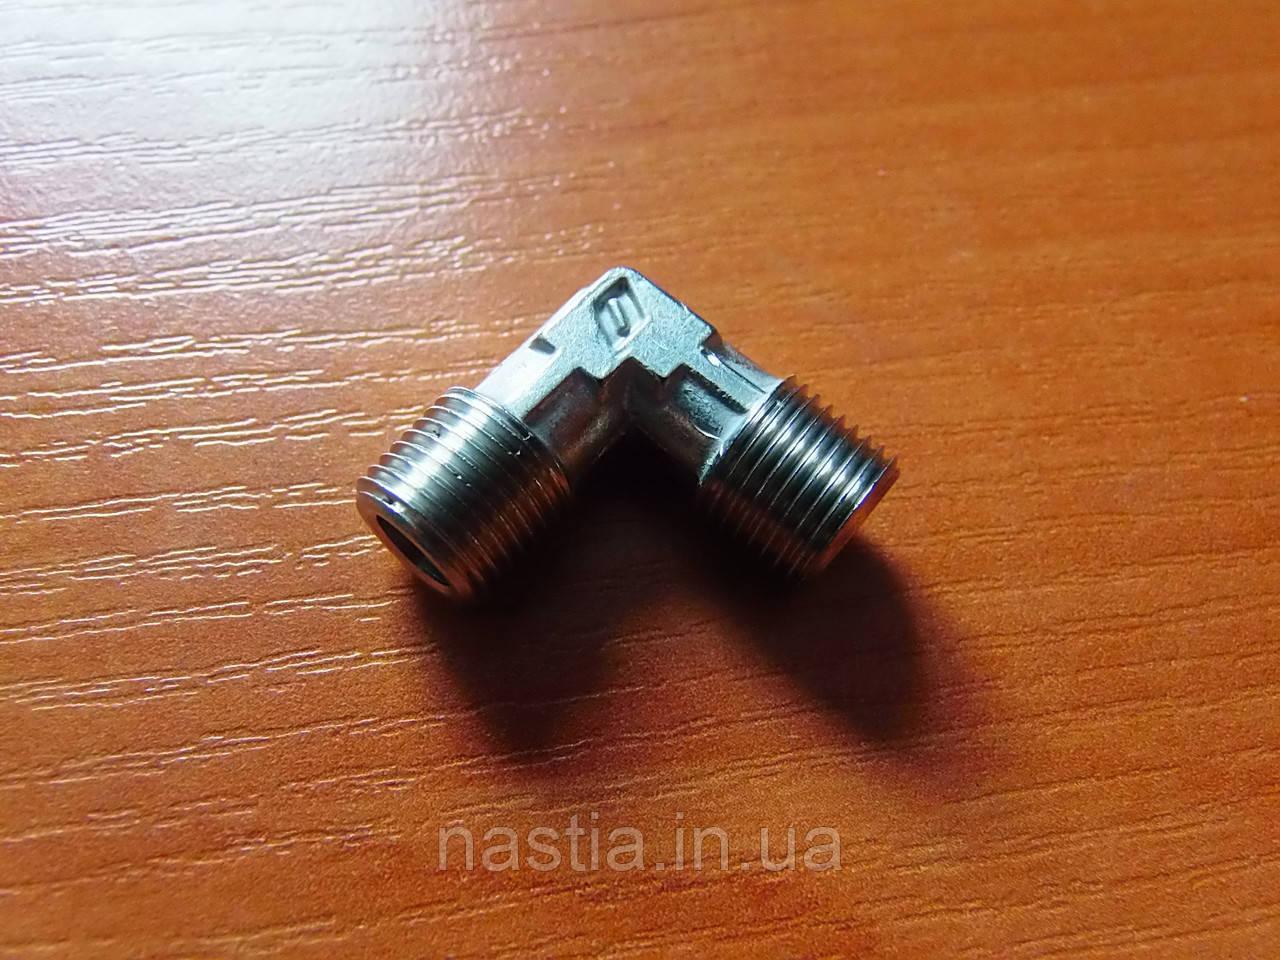 NR07.029 З'єднувальний елемент(угловий, у кран пару), 1/8-1/8, Royal